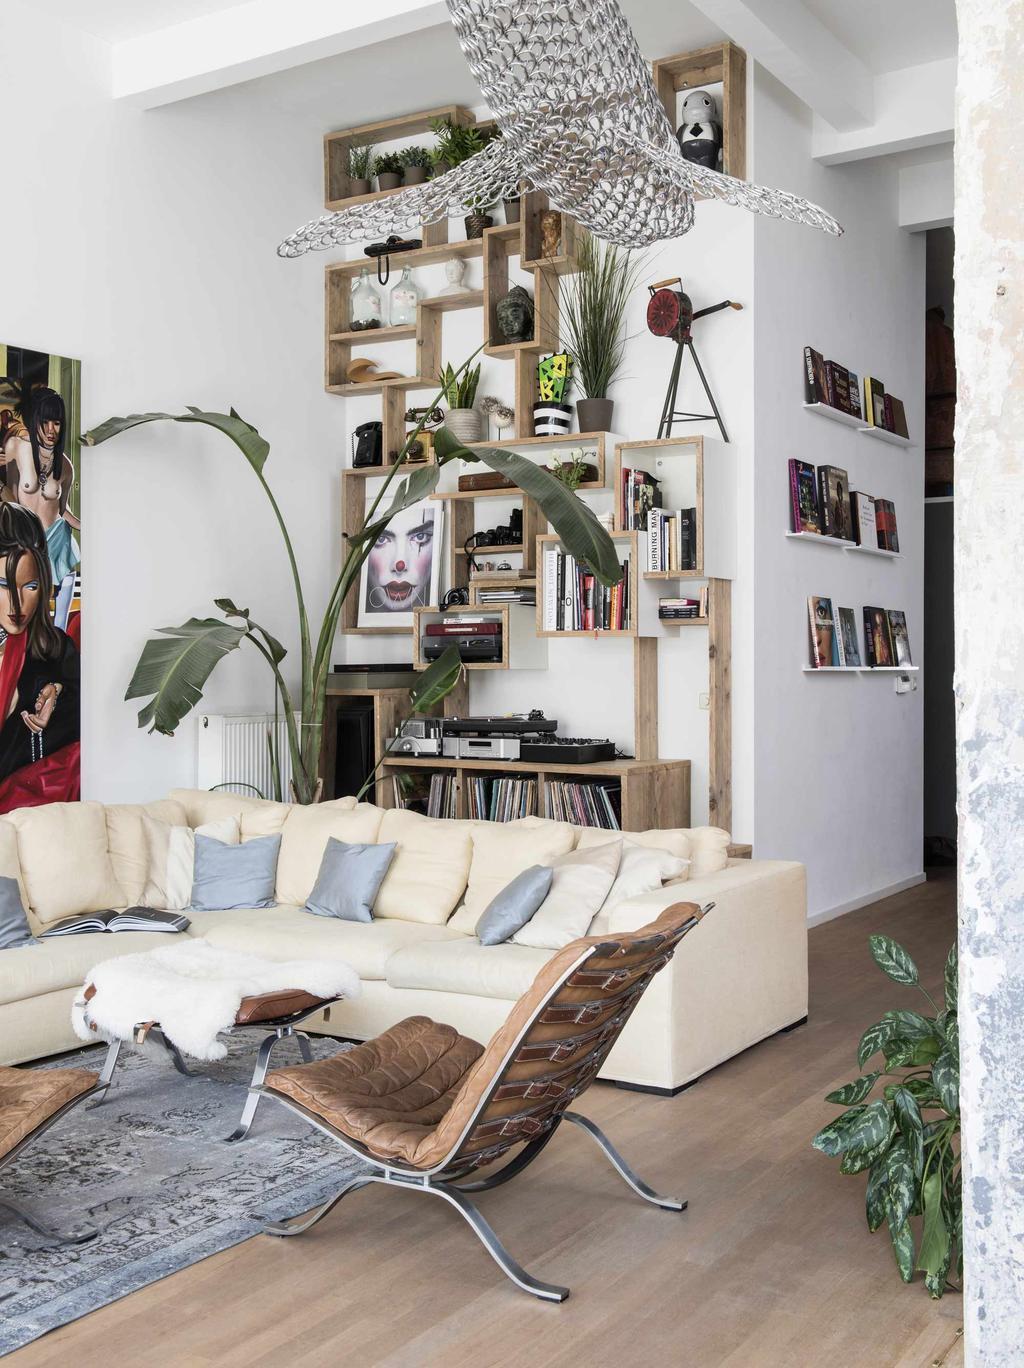 woonkamer met hoge houten kast